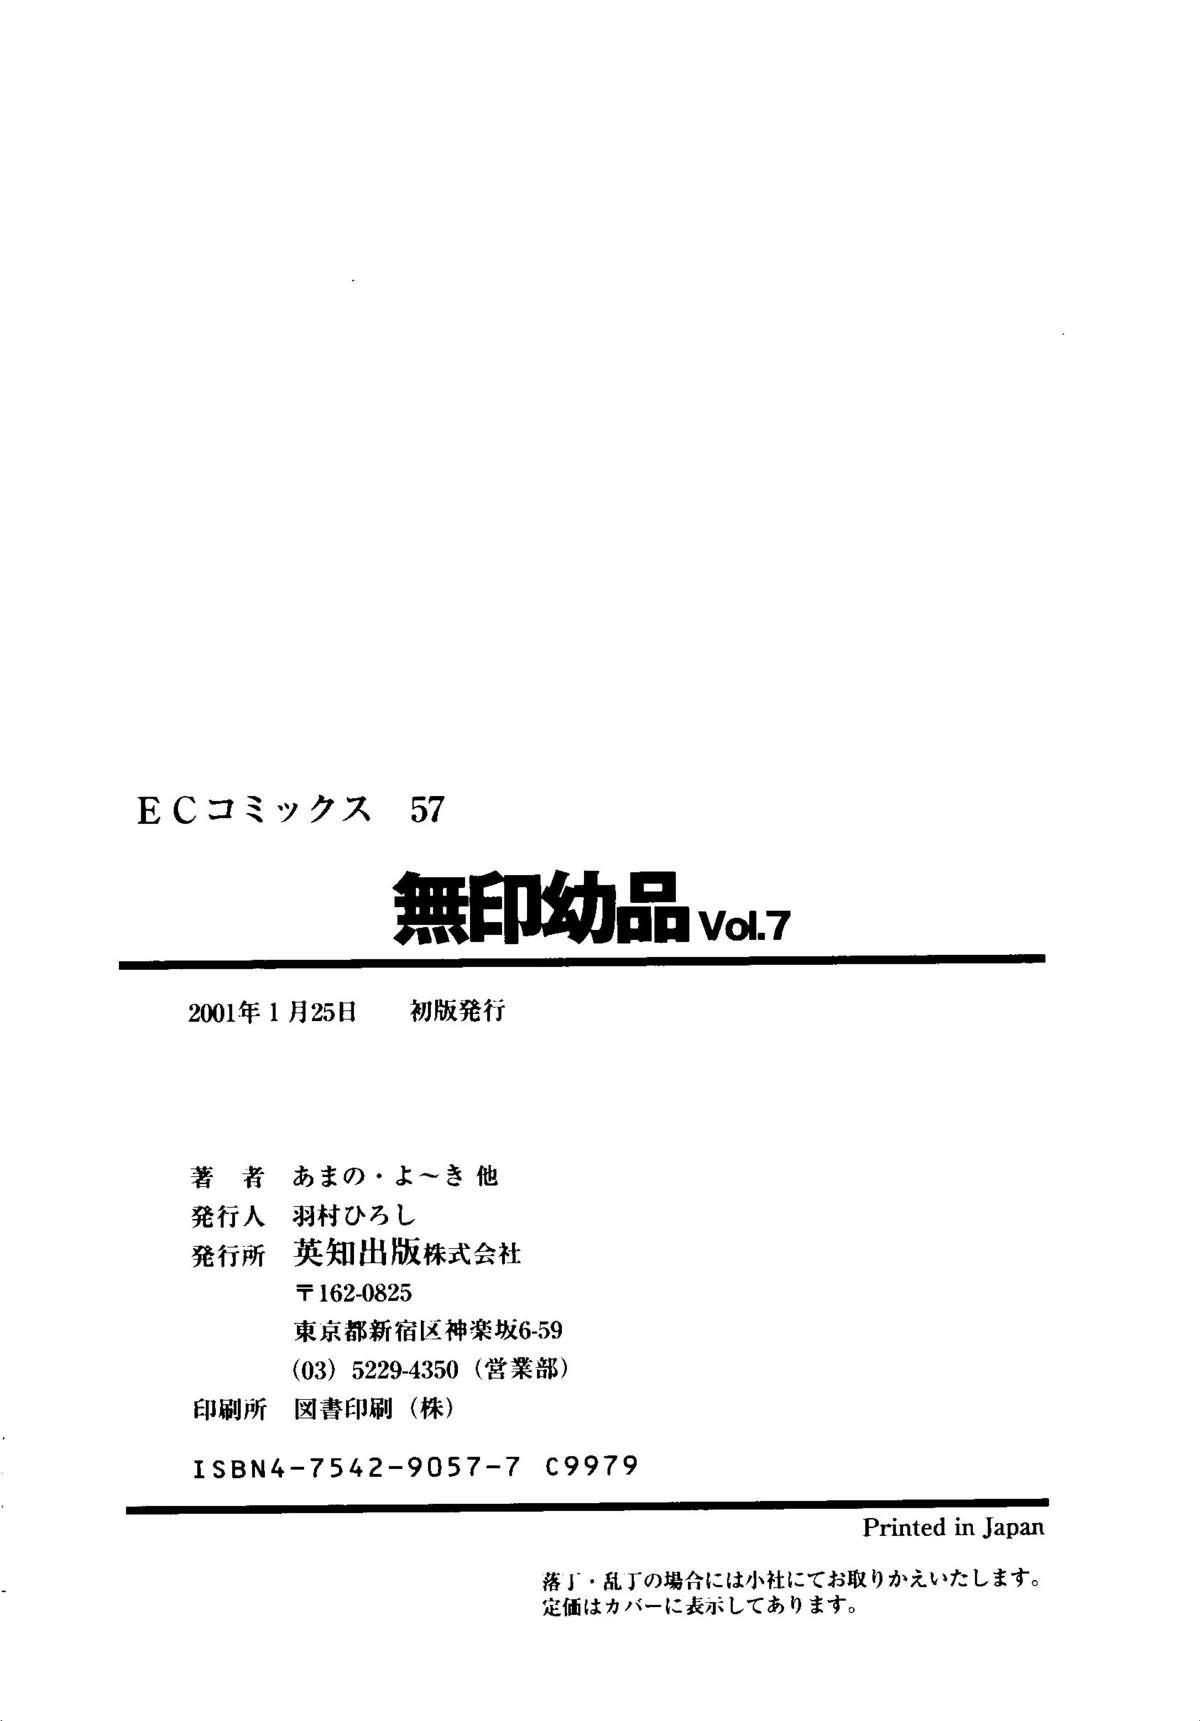 Mujirushi Youhin Vol. 7 164